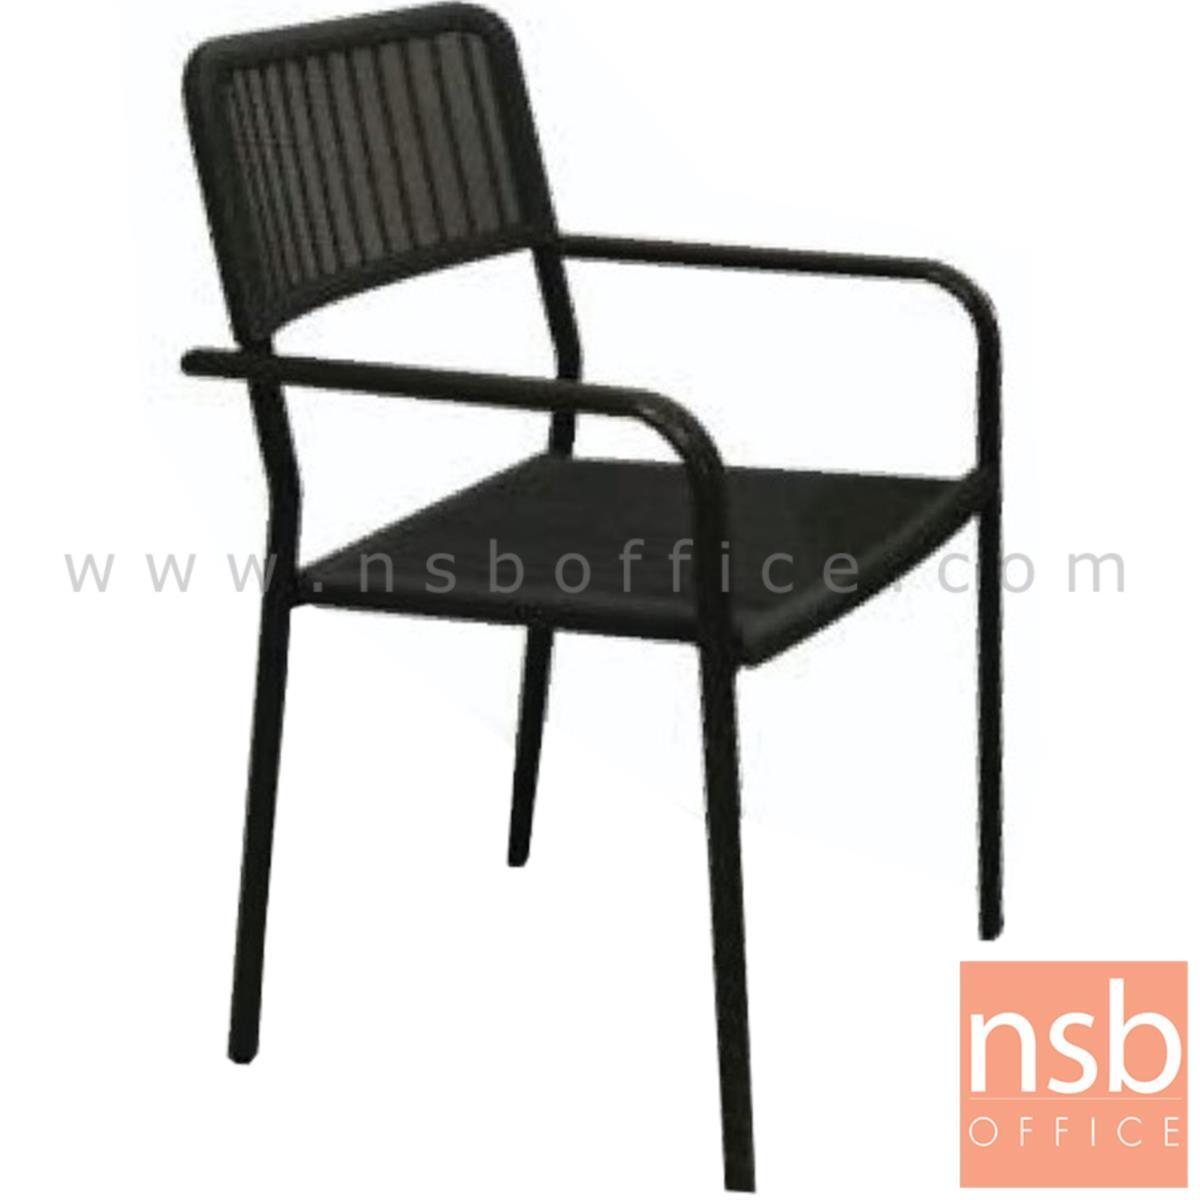 G08A281:เก้าอี้สนามพลาสติก รุ่น Animax ขนาด 55W cm.  ขาพลาสติก